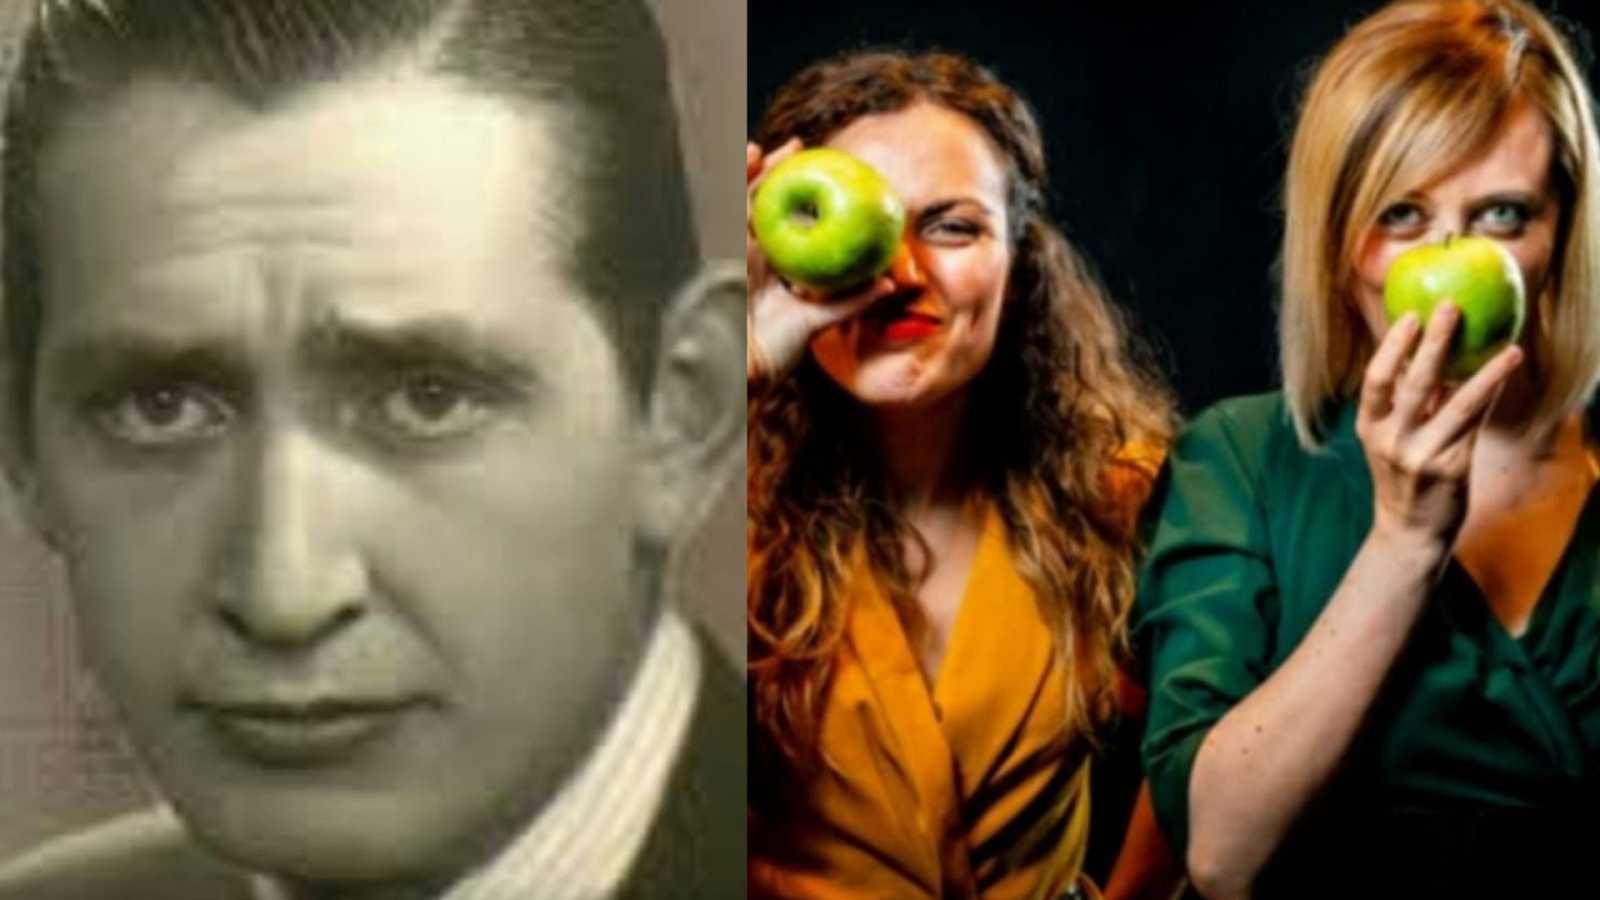 La sala - Miguel Delibes, por Valquiria Teatro, el juego de Yllana en `Gag Movie¿ y el FIT de Cádiz en el horizonte - 18/10/20 - escuchar ahora